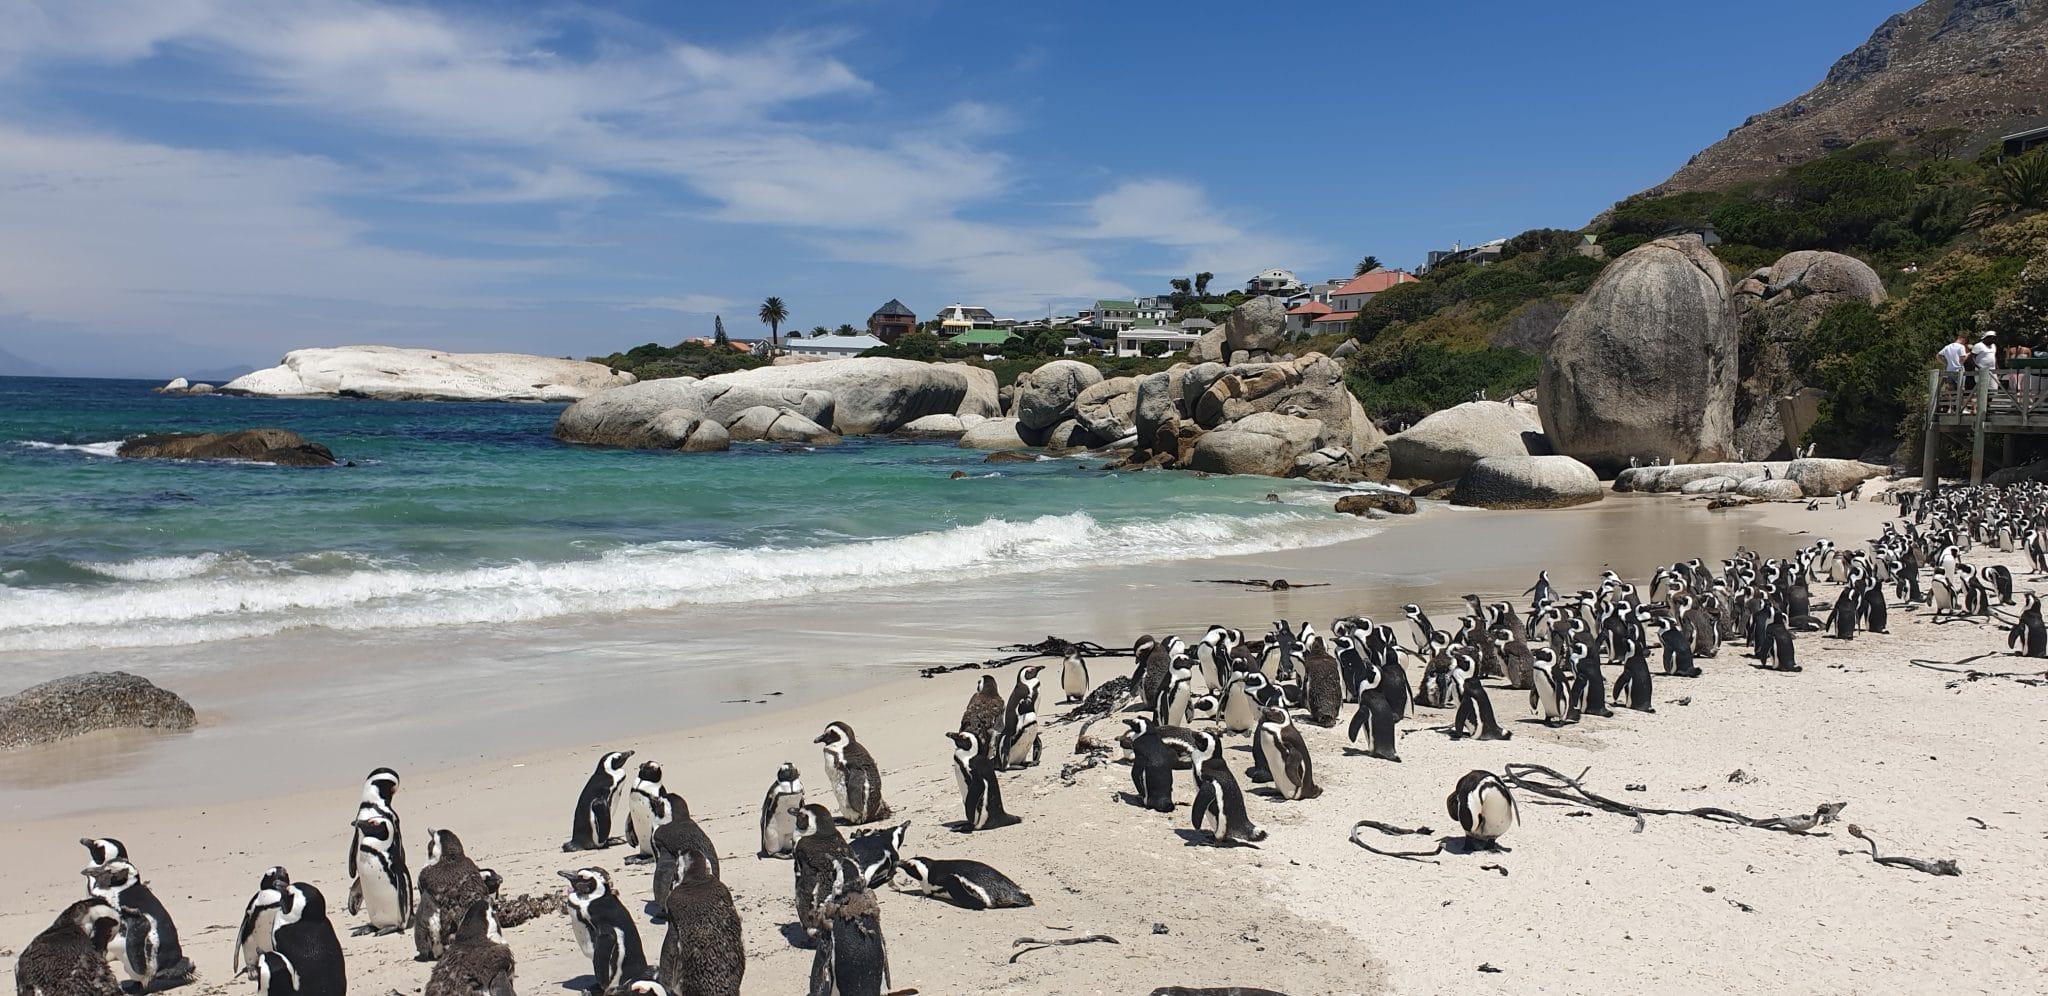 pingouins et manchots sur une plage